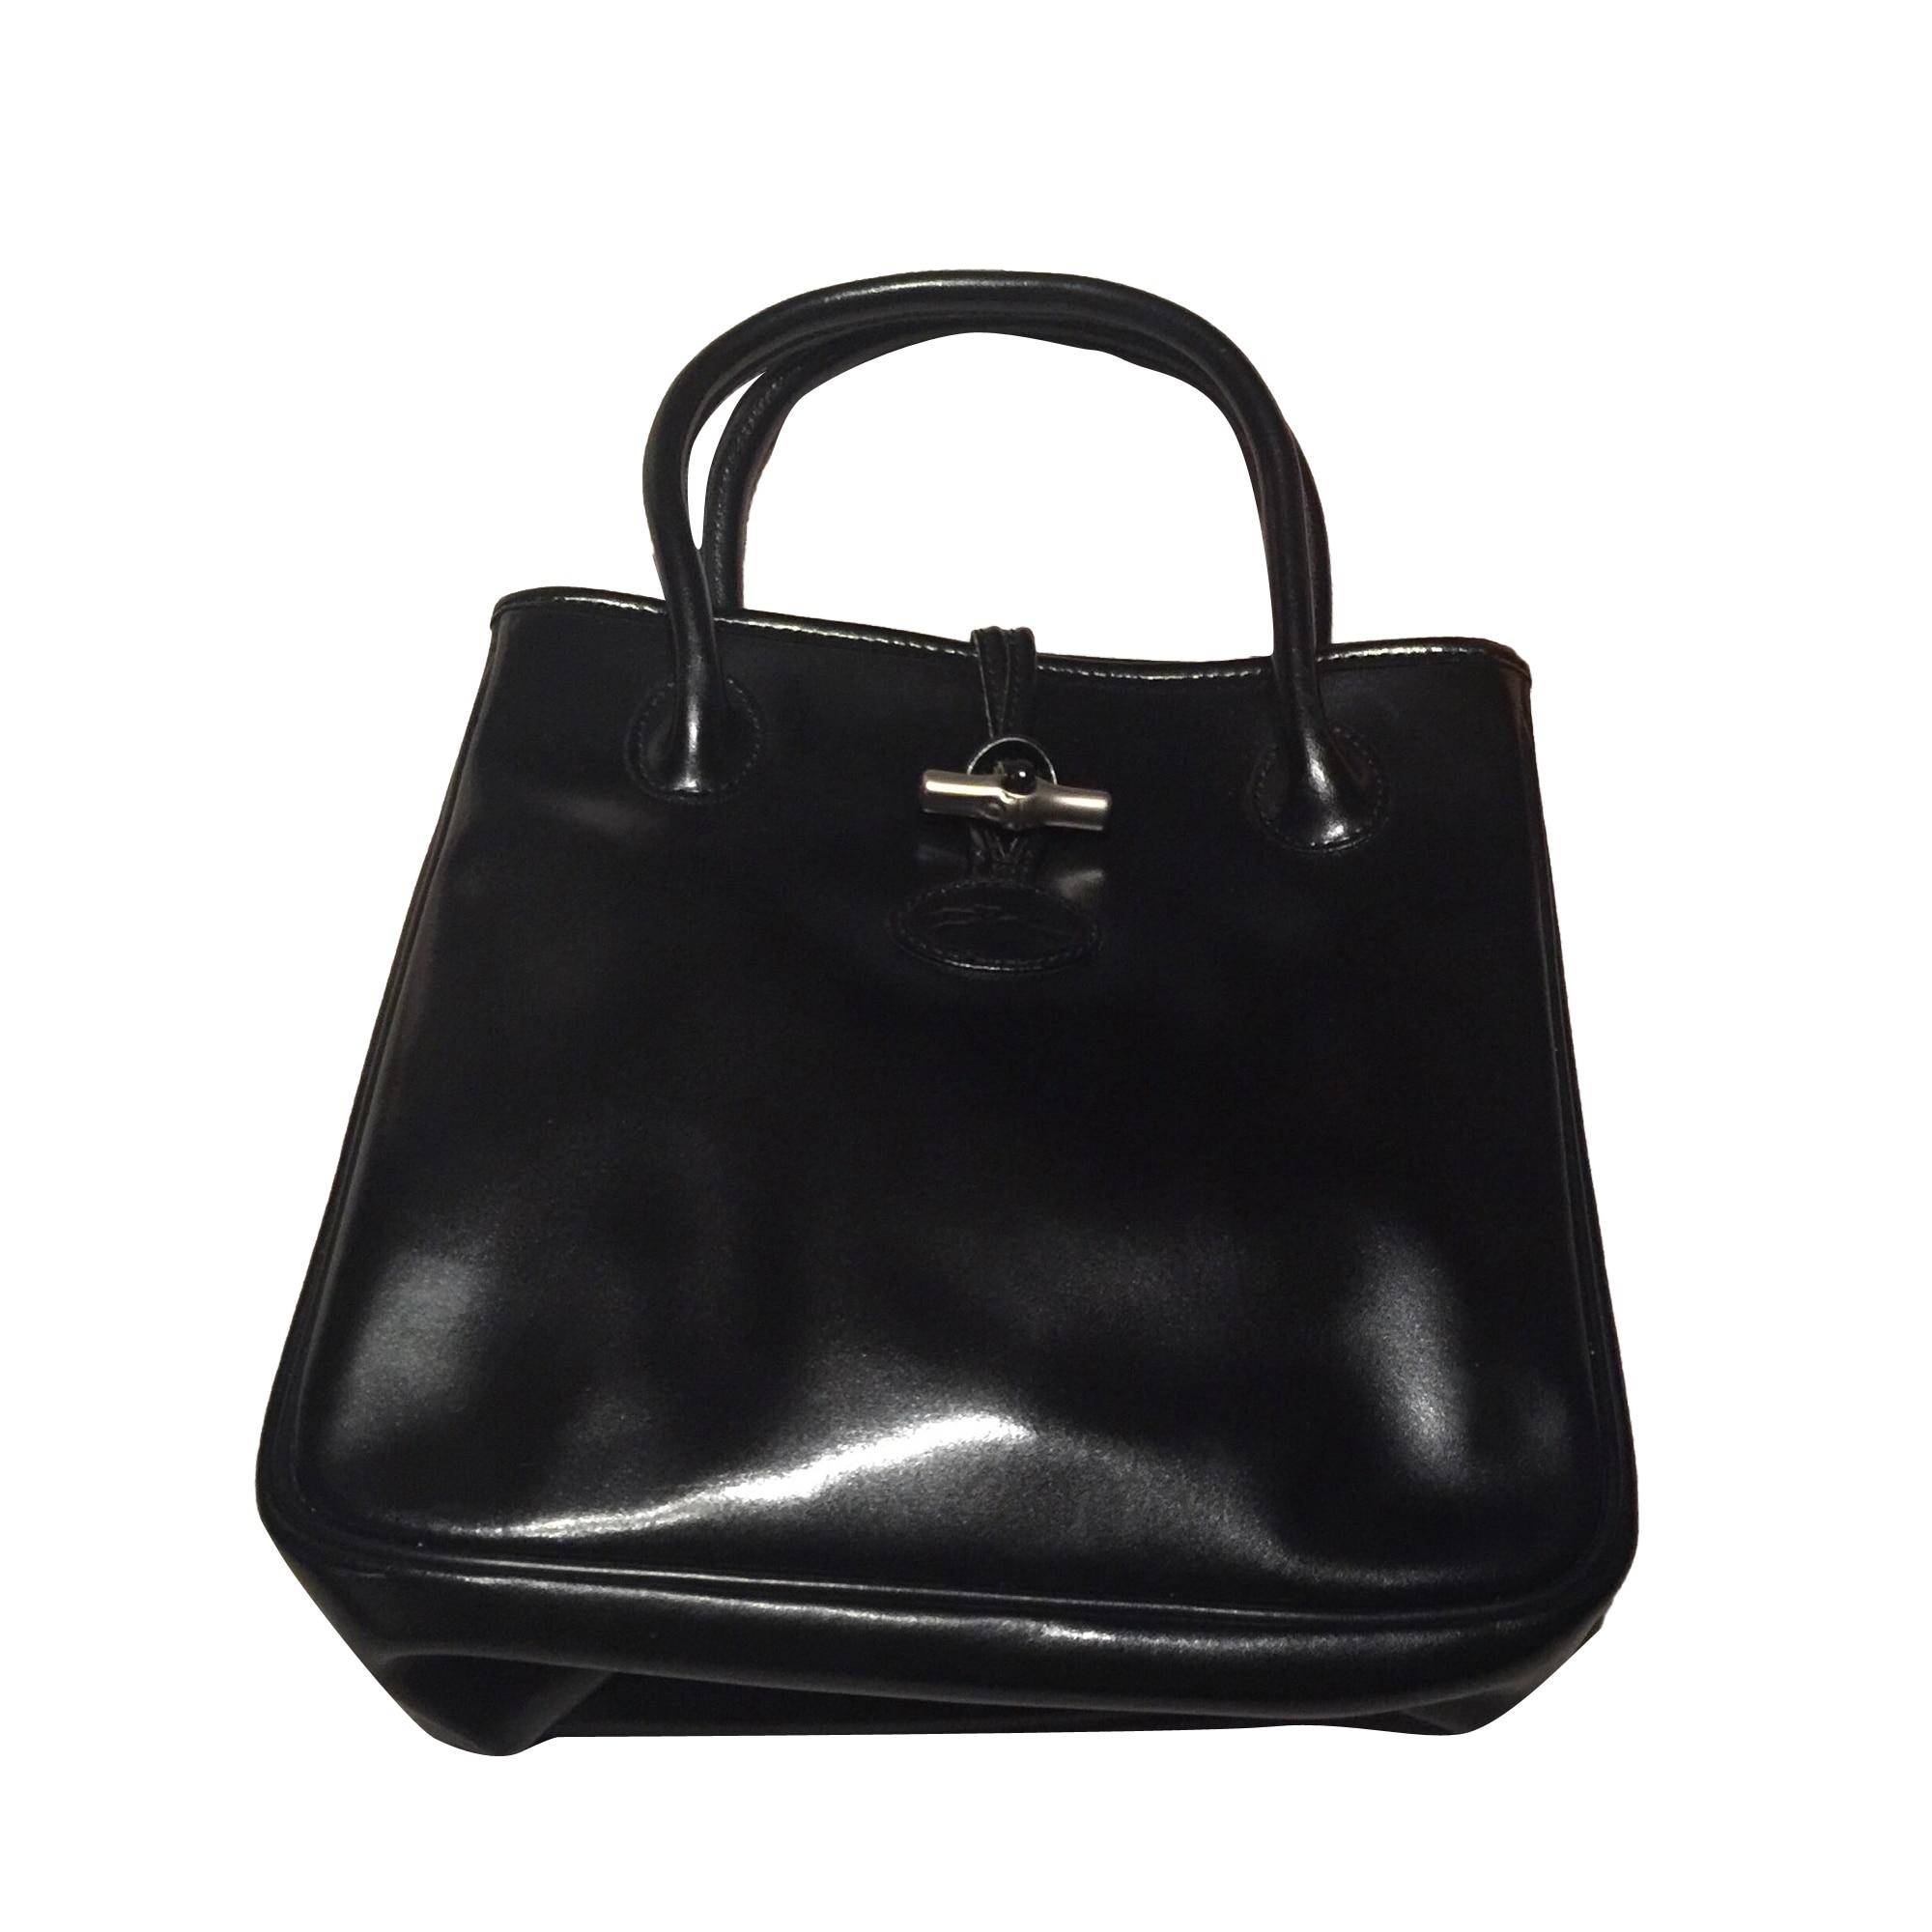 e95c95a1a95bf Sac à main en cuir LONGCHAMP noir vendu par L'accro du shopping49105 ...